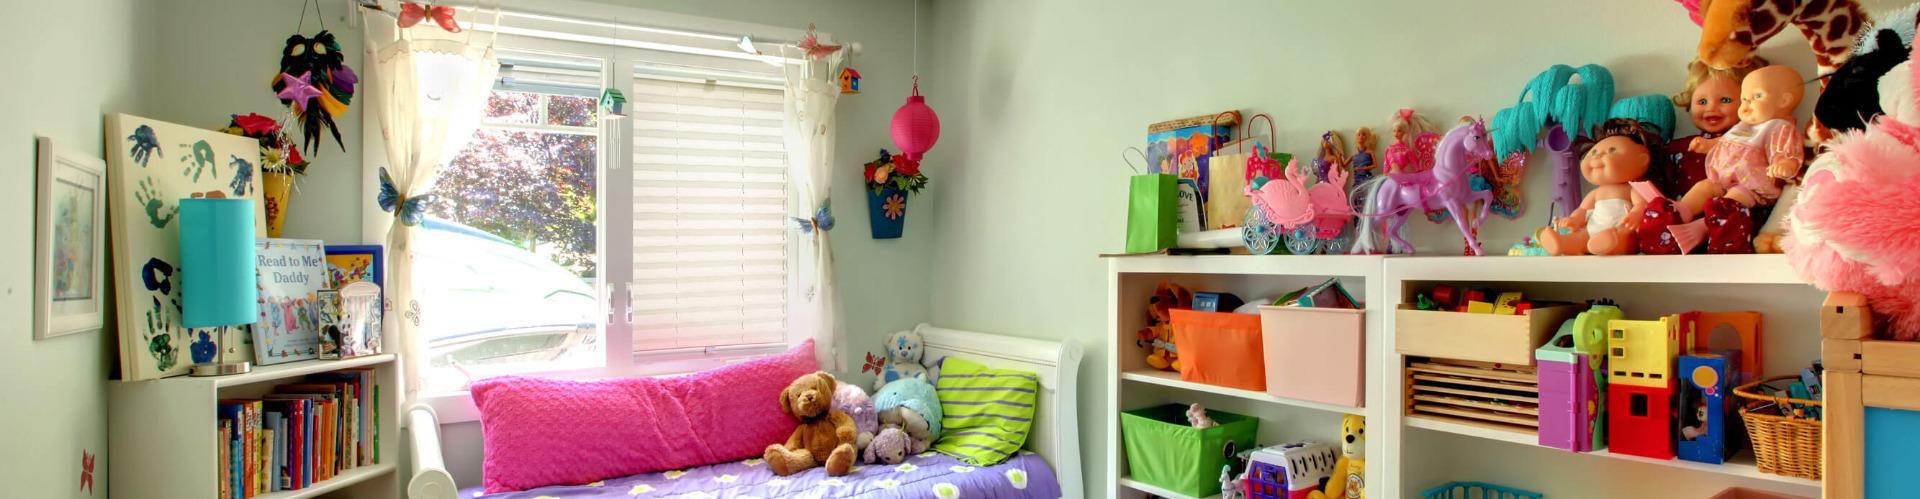 Full Size of Plissee Kinderzimmer Gnstige Plissees Einfach Schnell Bestellen Sofa Regale Regal Fenster Weiß Kinderzimmer Plissee Kinderzimmer